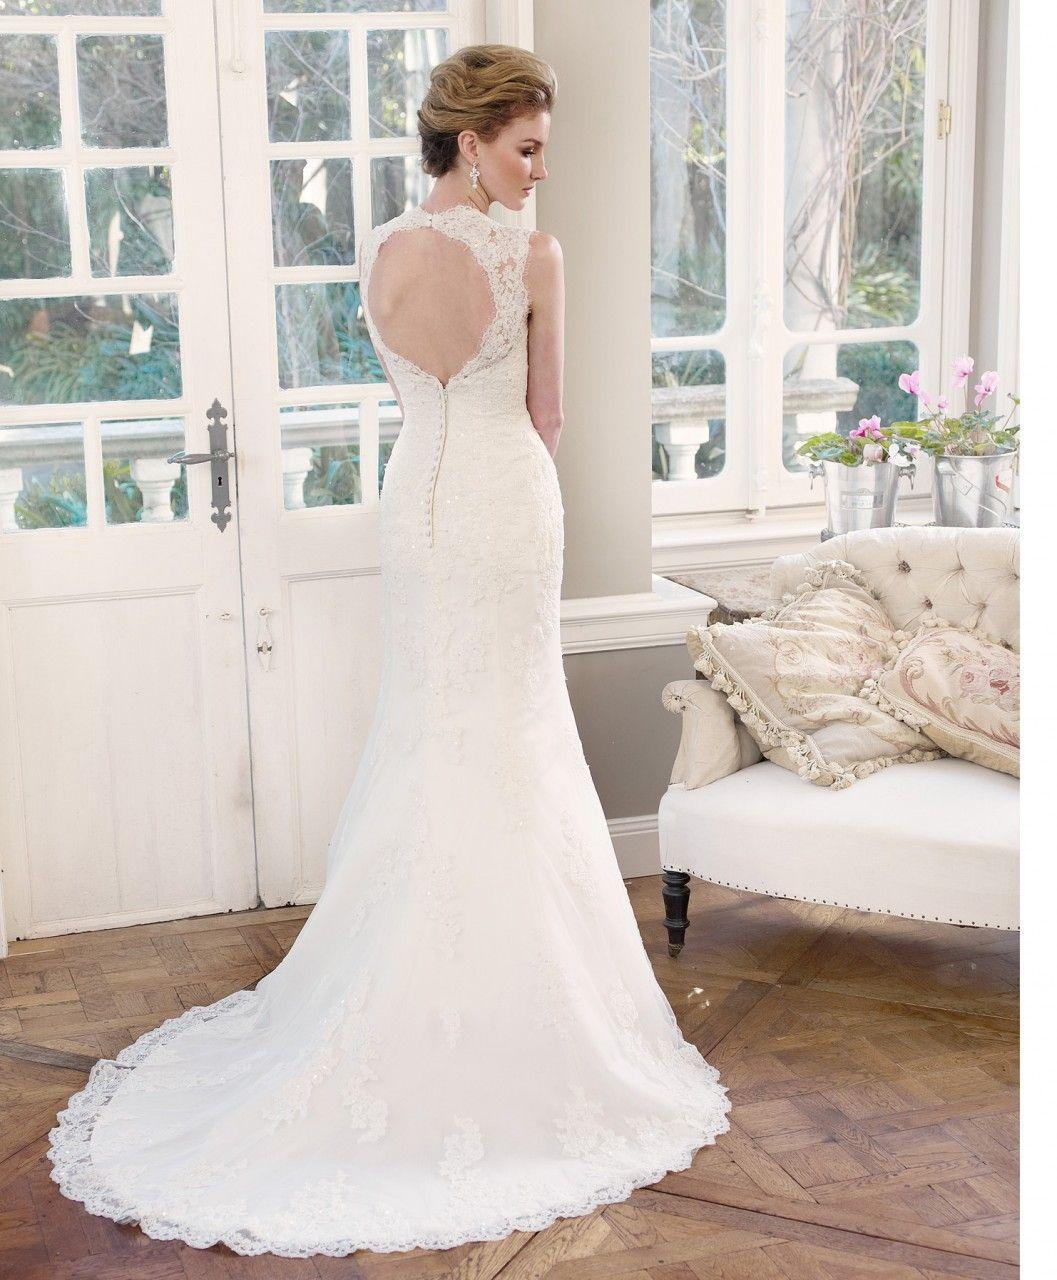 Lace keyhole back wedding dress  Luv Bridal  MZ Lace Wedding Dress with Key hole back